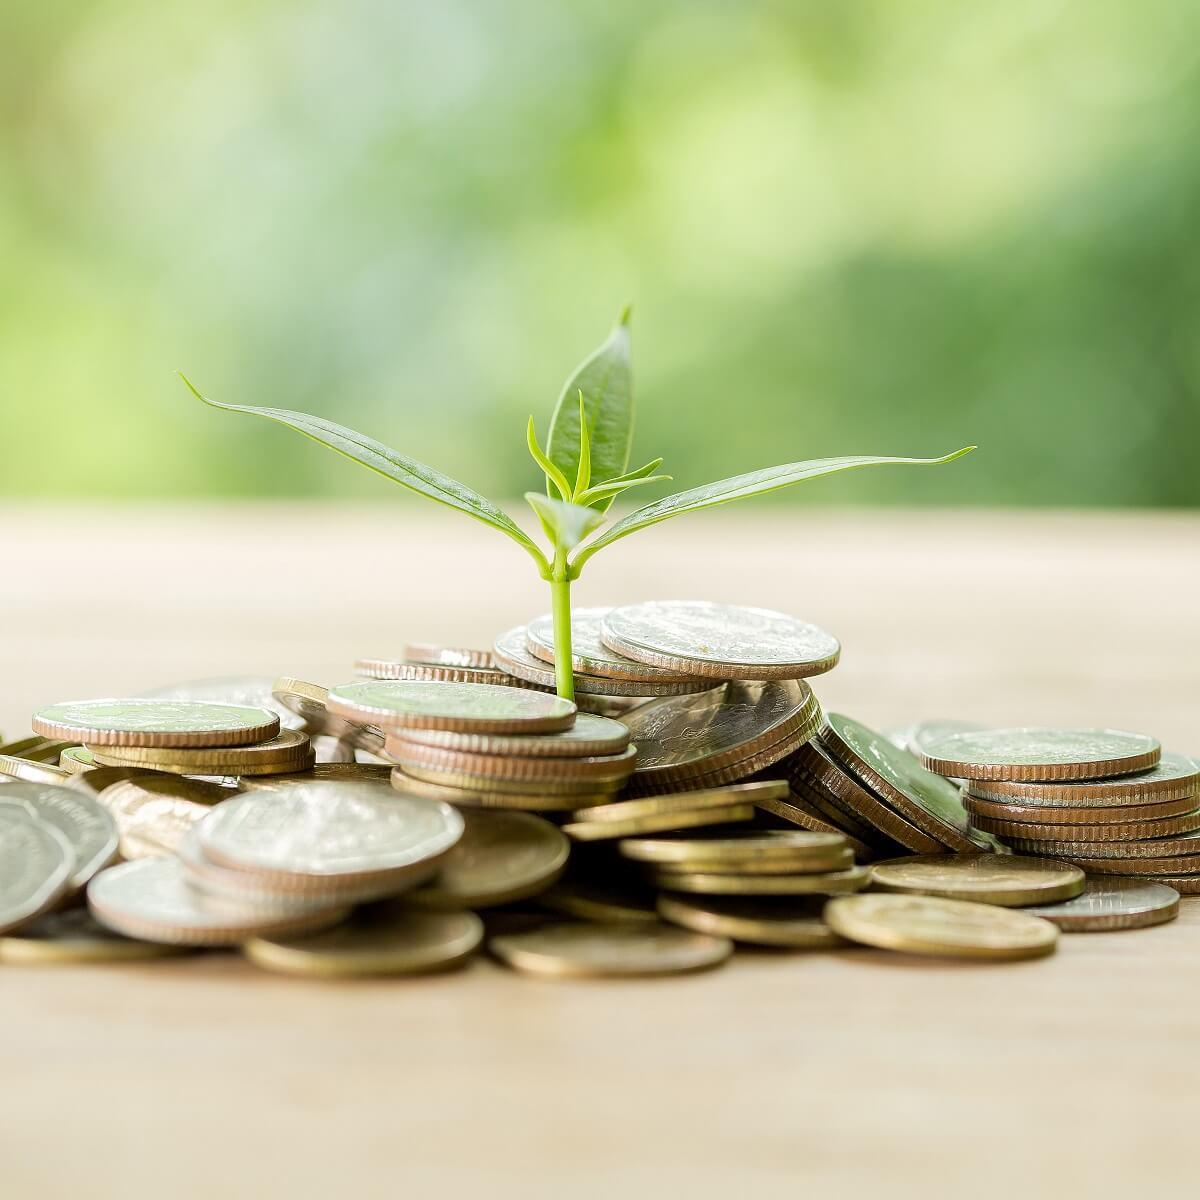 お金からプラントの芽が育っている様子。